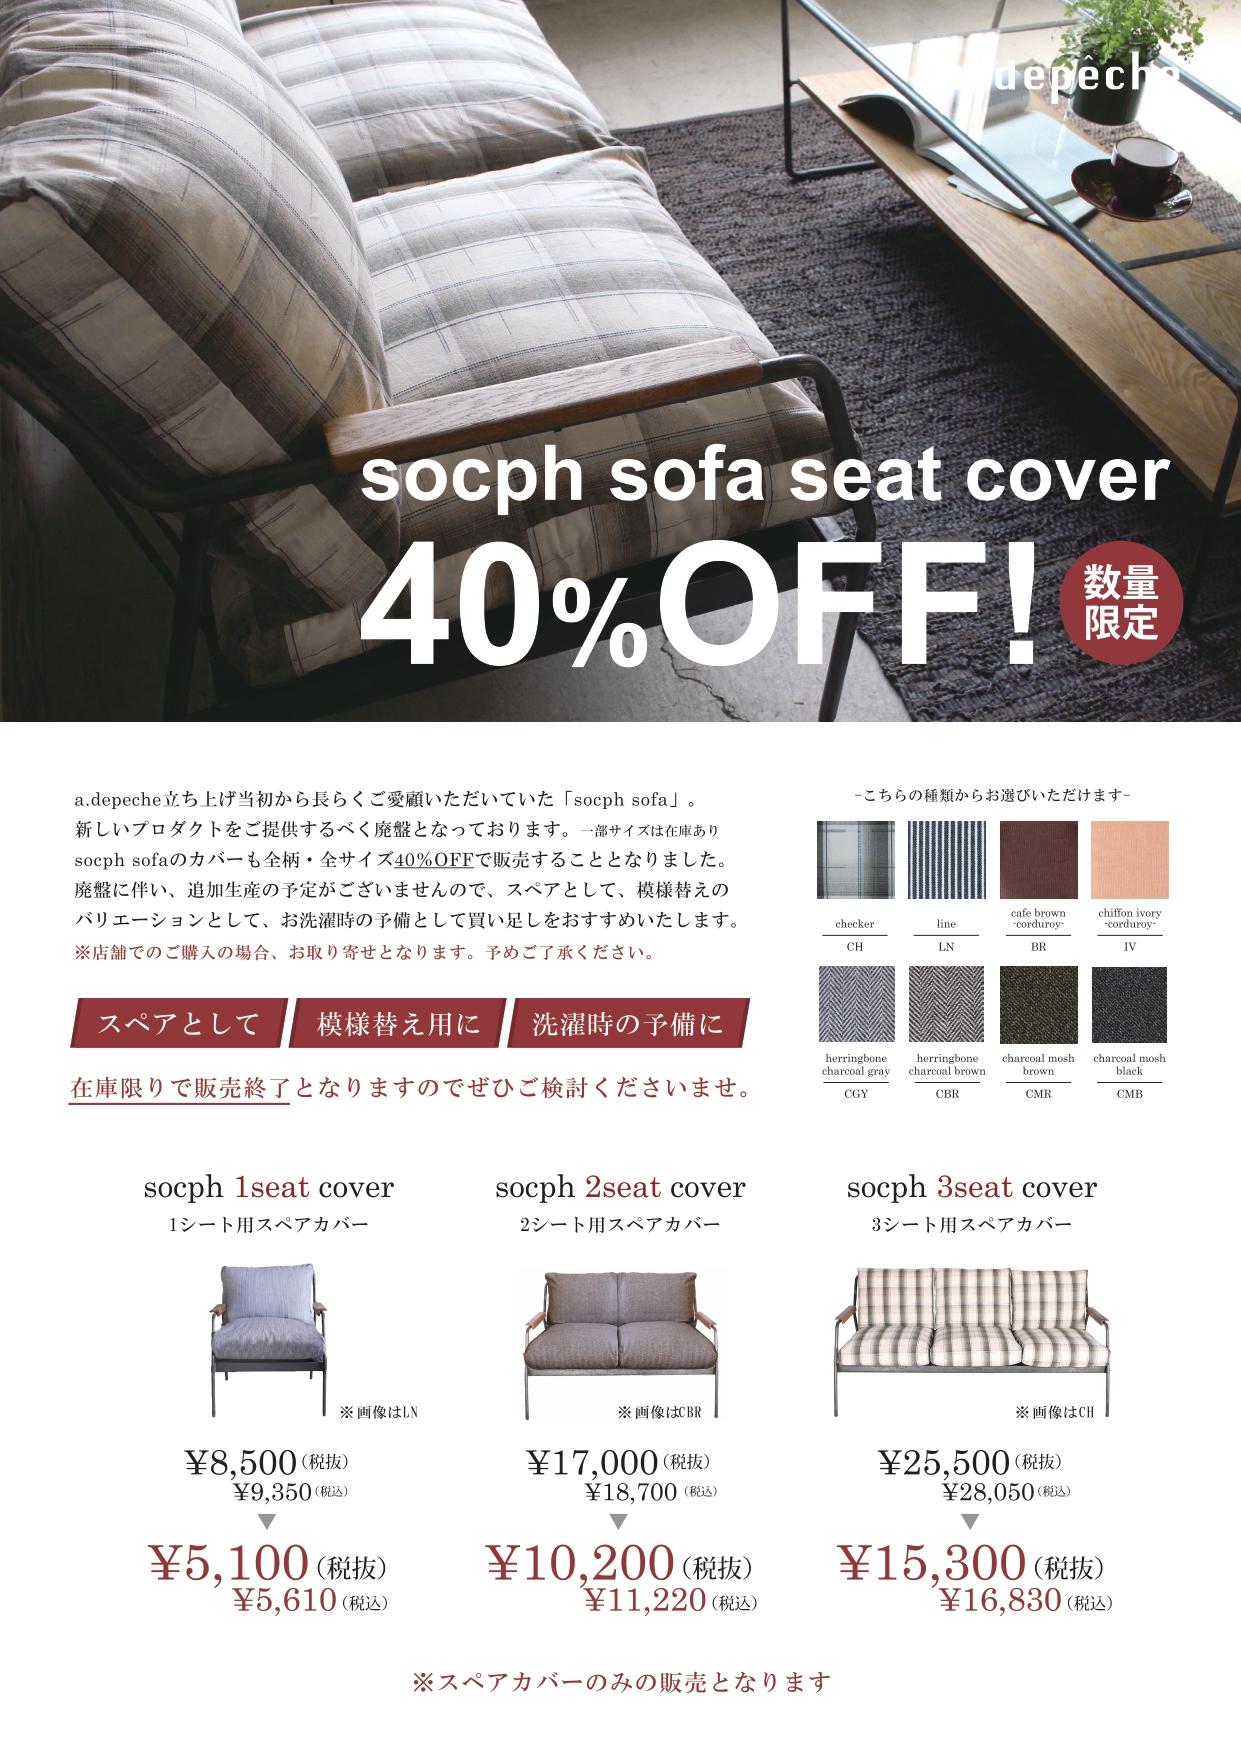 ソコフソファ(socph sofa)カバーが特価!